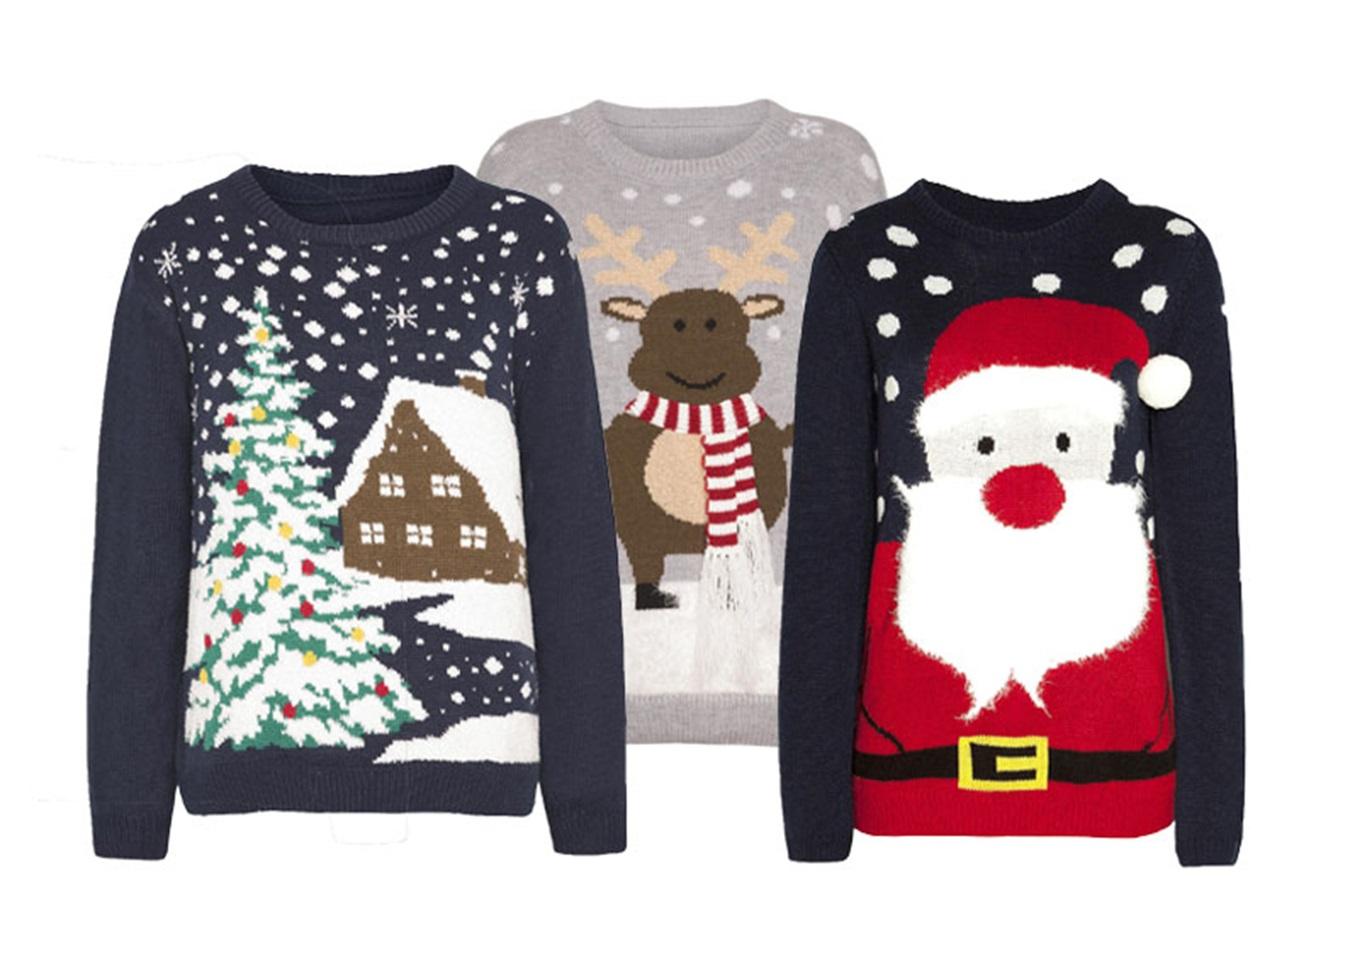 Regali di Natale tradizionali per Lui e per Lei - Glamour.it